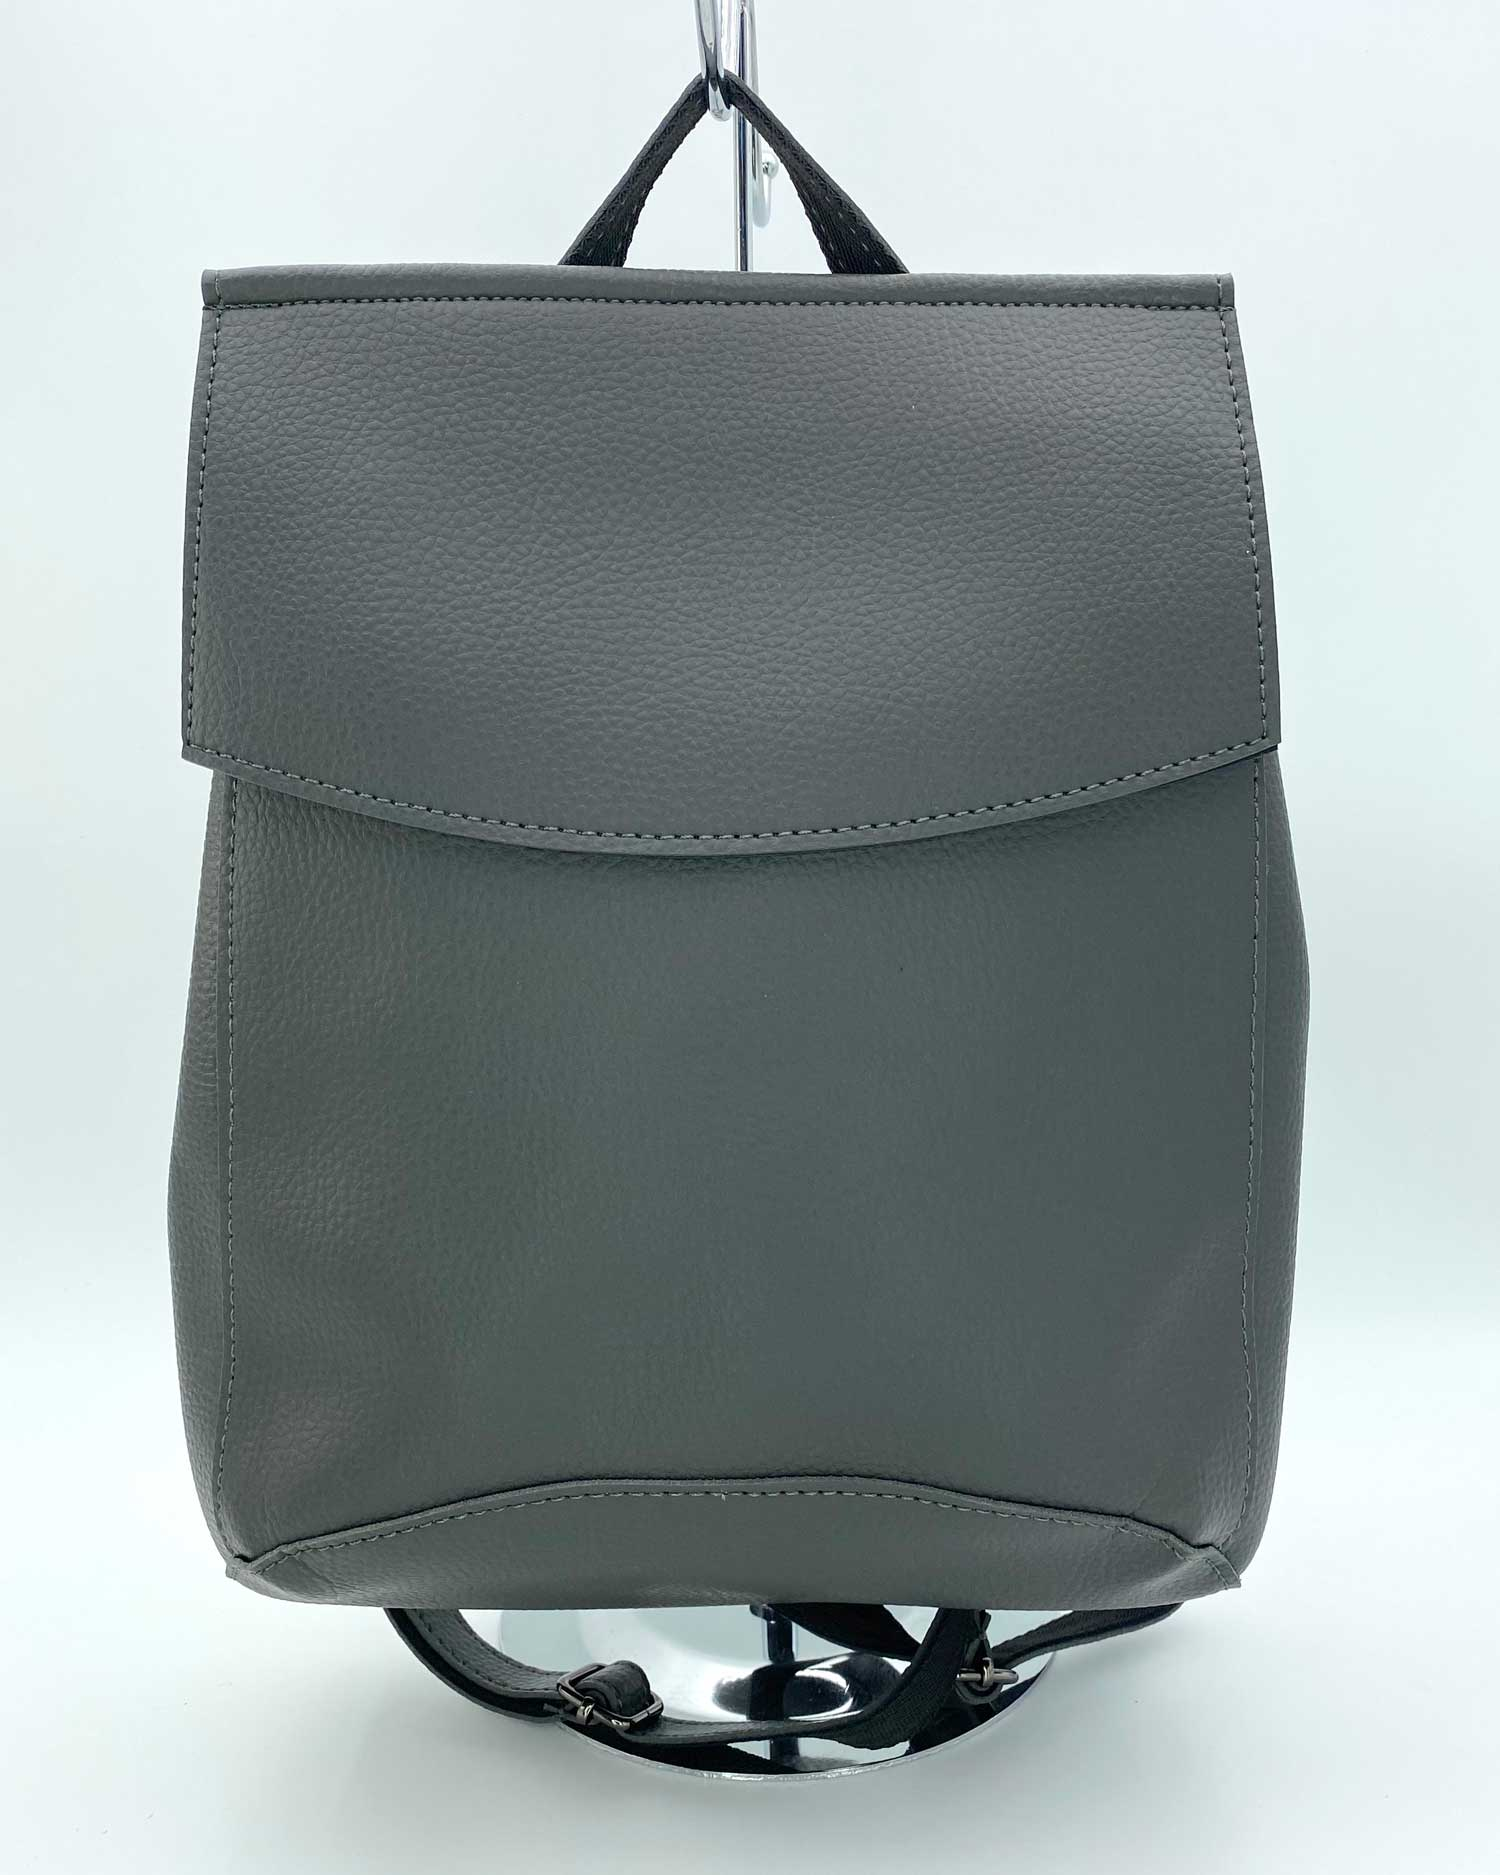 Молодежный сумка-рюкзак серого цвета